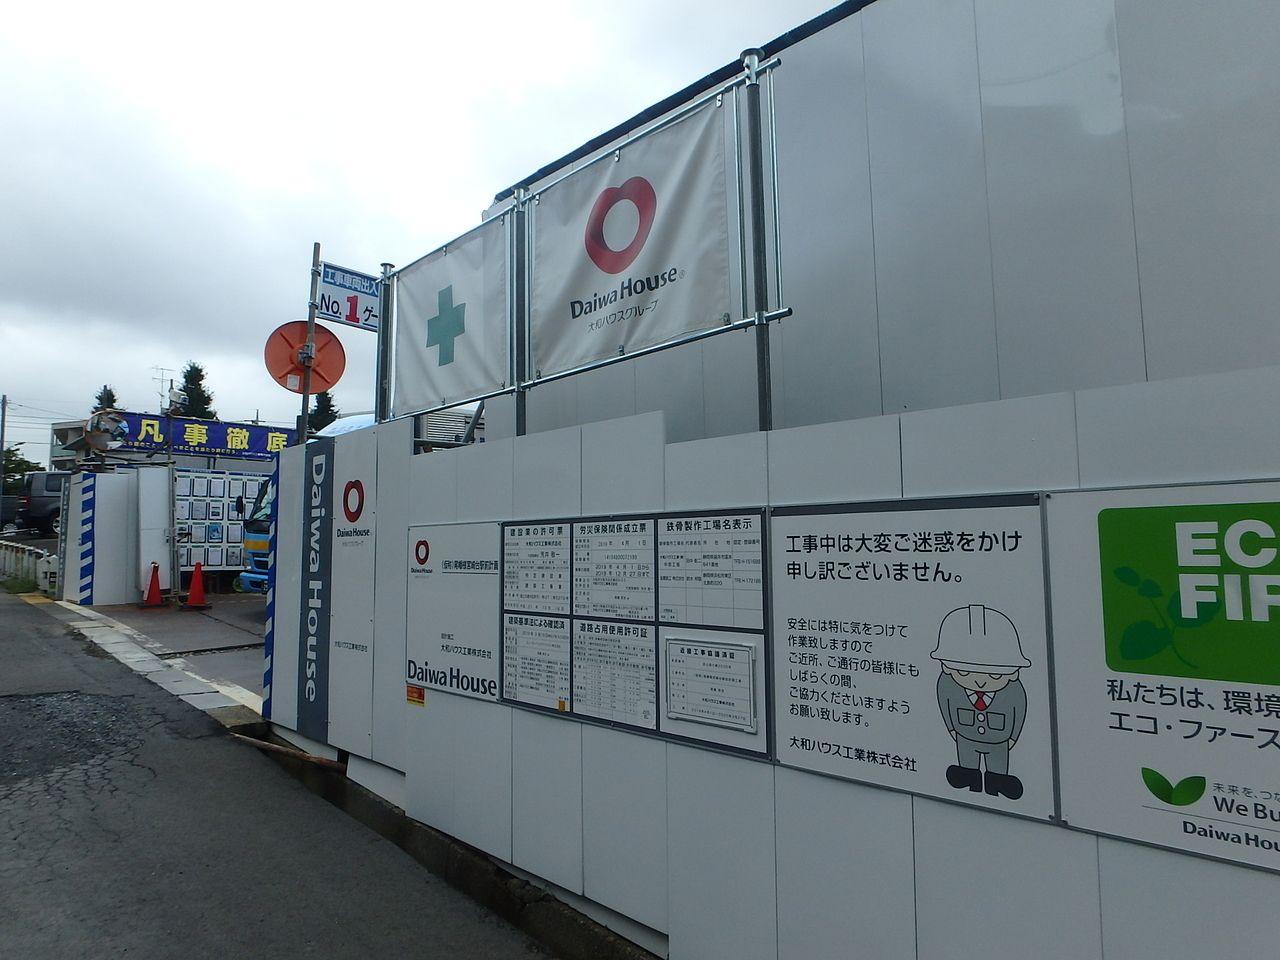 宮崎駅にオーケーストアができるみたい